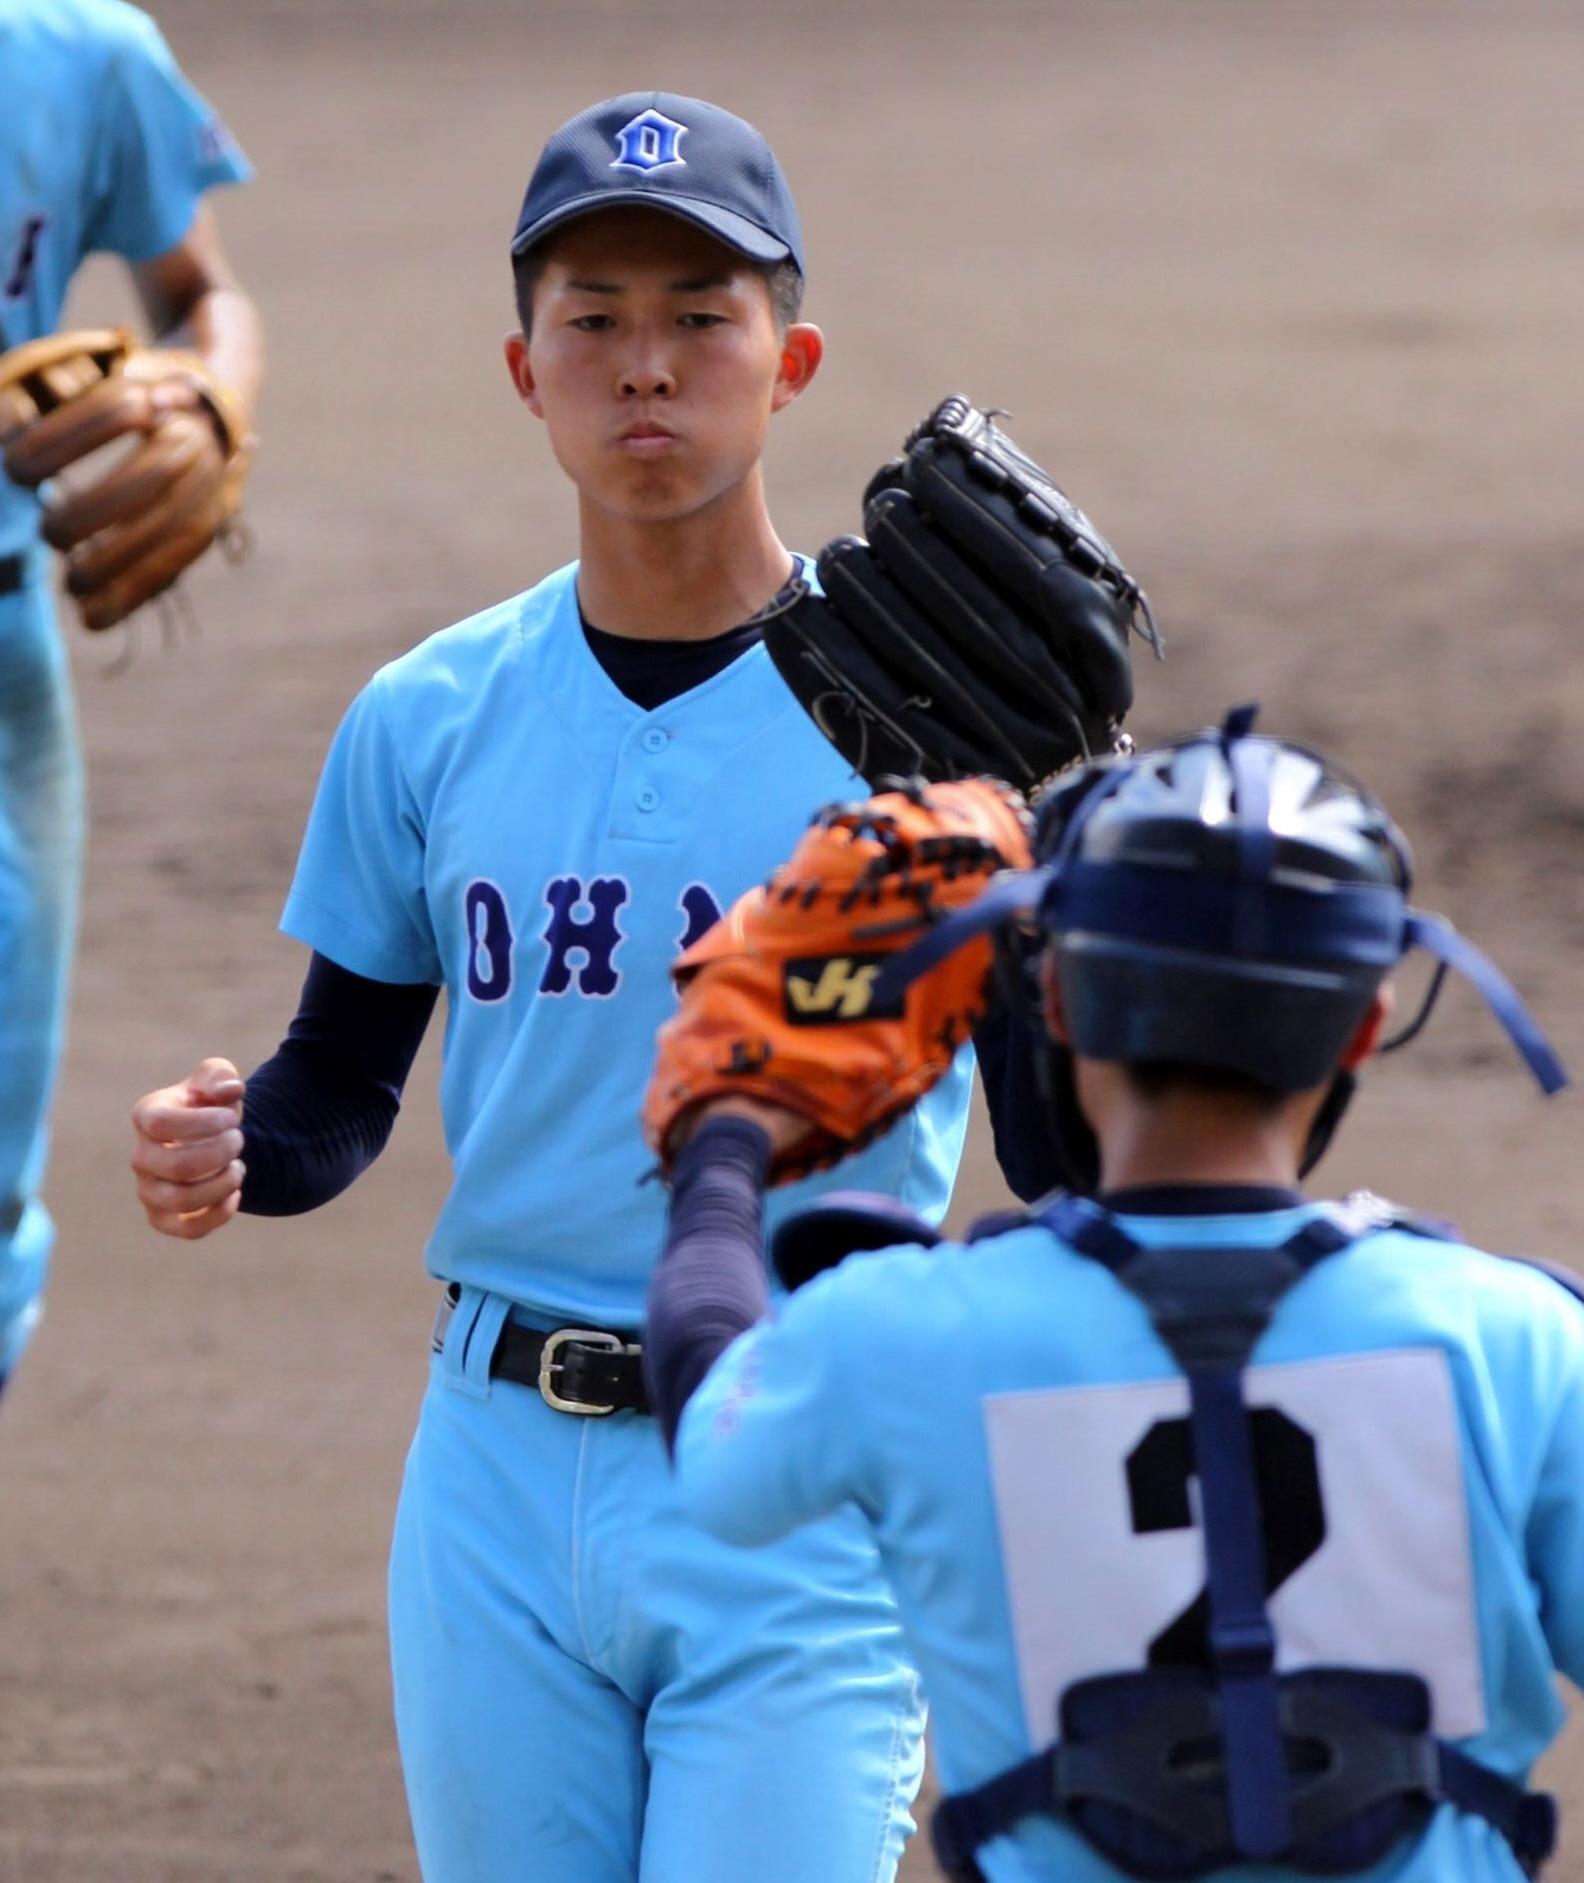 近江京山将弥がプロ志望届提出!滋賀県の最高傑作とまで言われる能力とは?横浜DeNAベイスターズに4位指名されました。